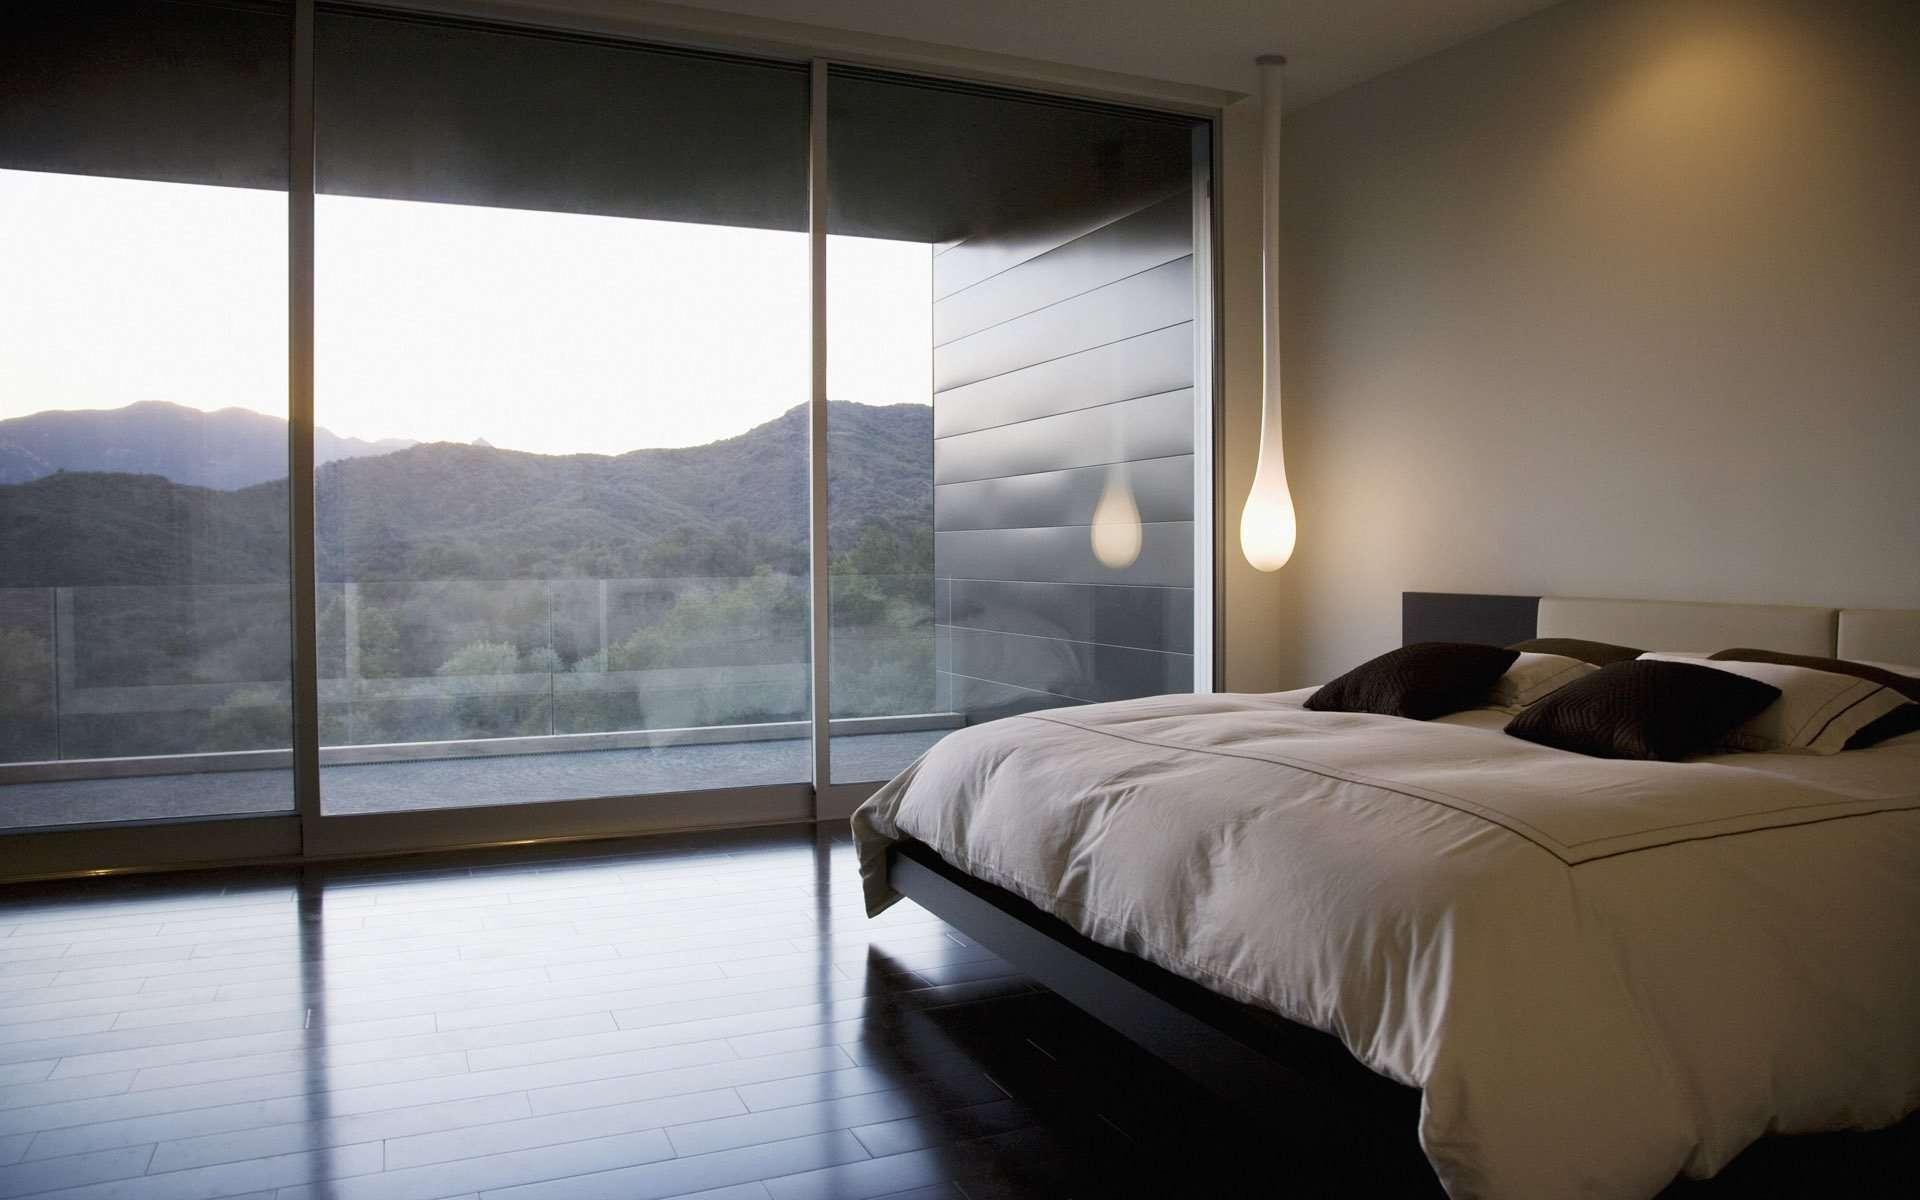 Кровать изголовьем к окну в спальне в японском стиле